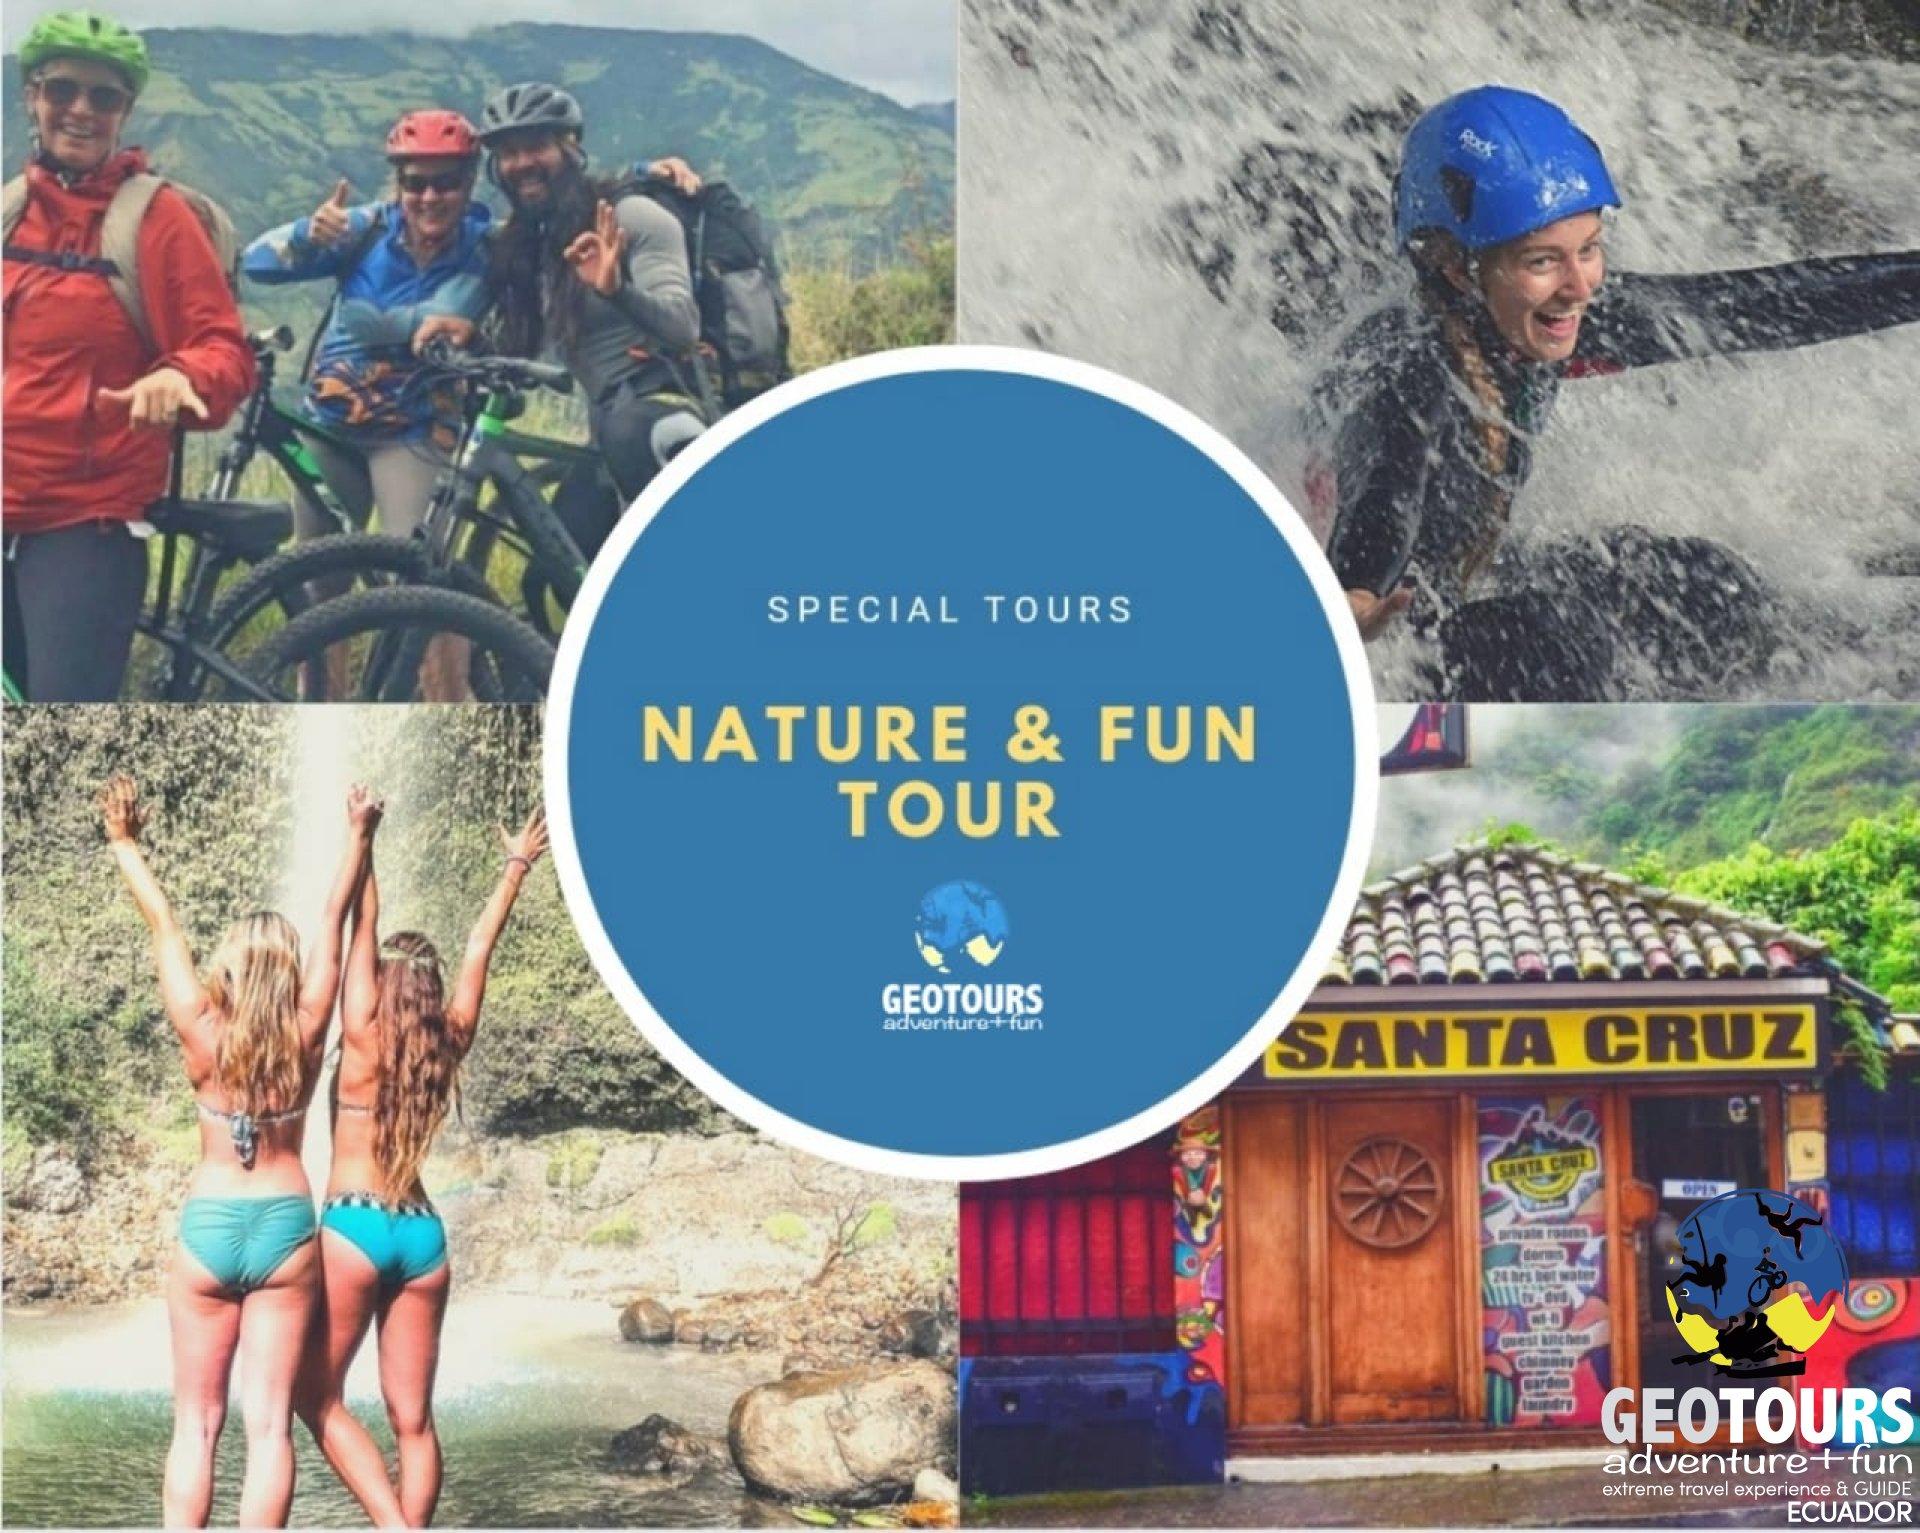 Nature & Fun Tour